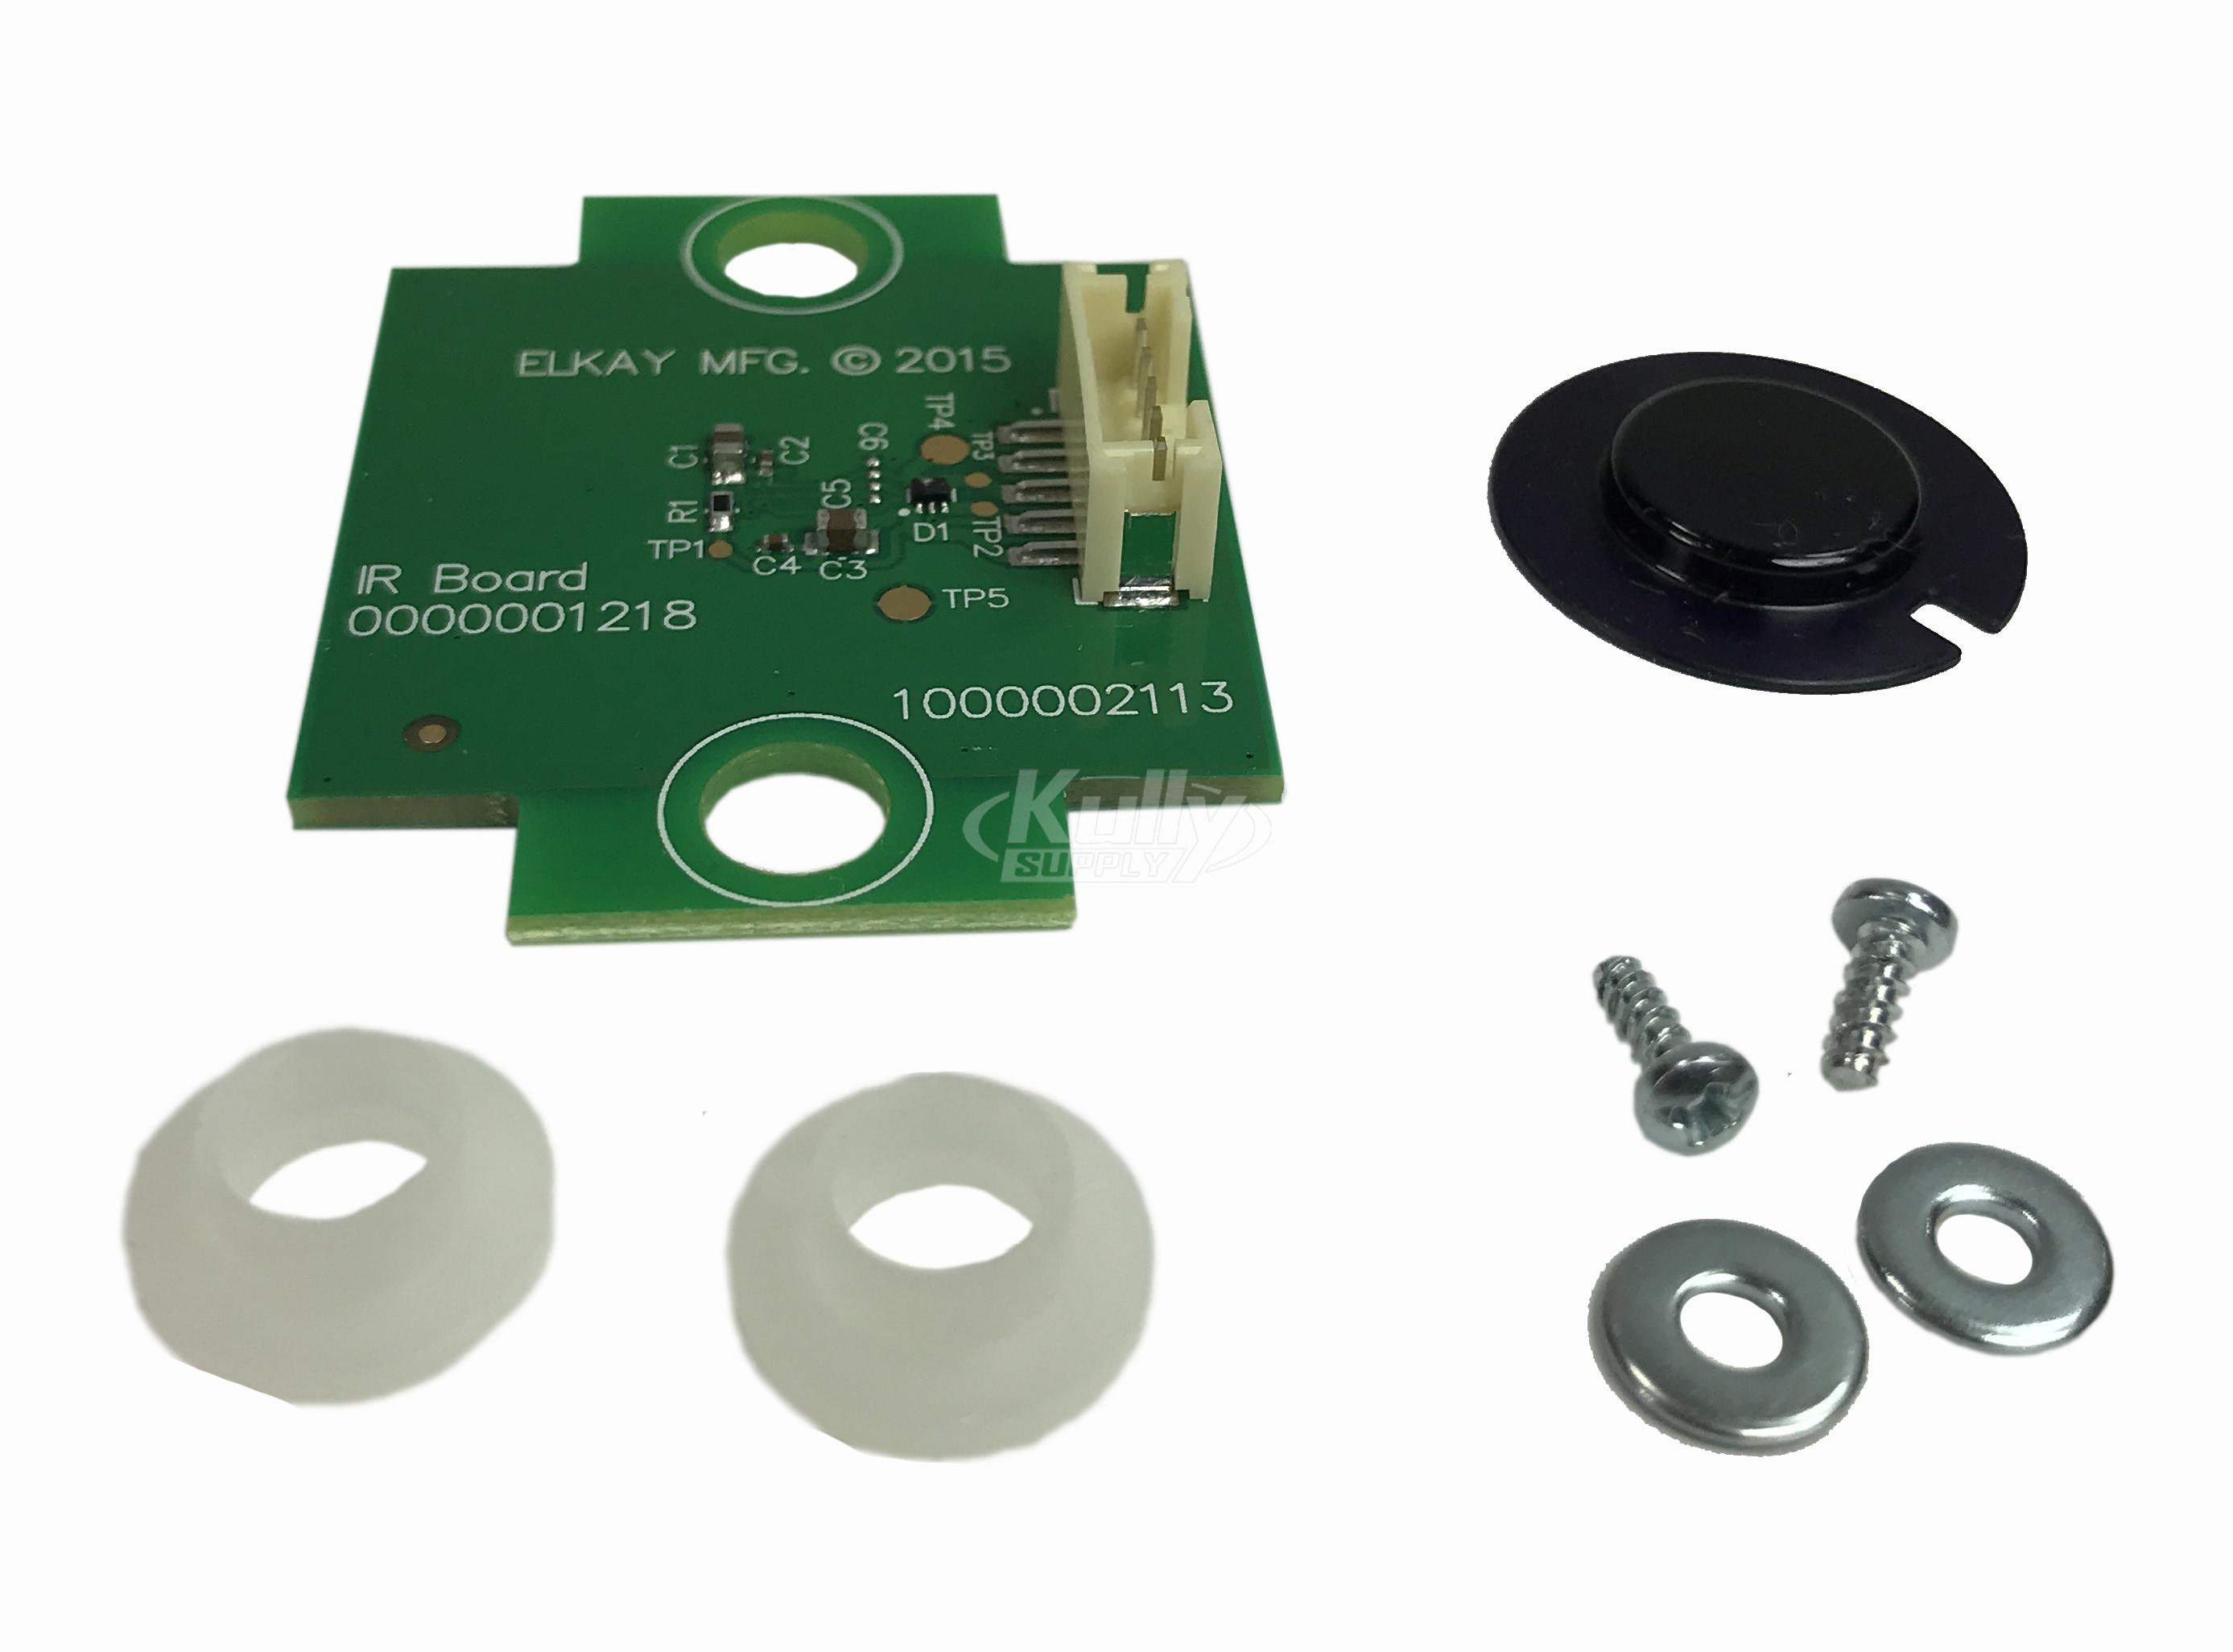 Elkay 1000002434 Ir Sensor Kit Kullysupply Com